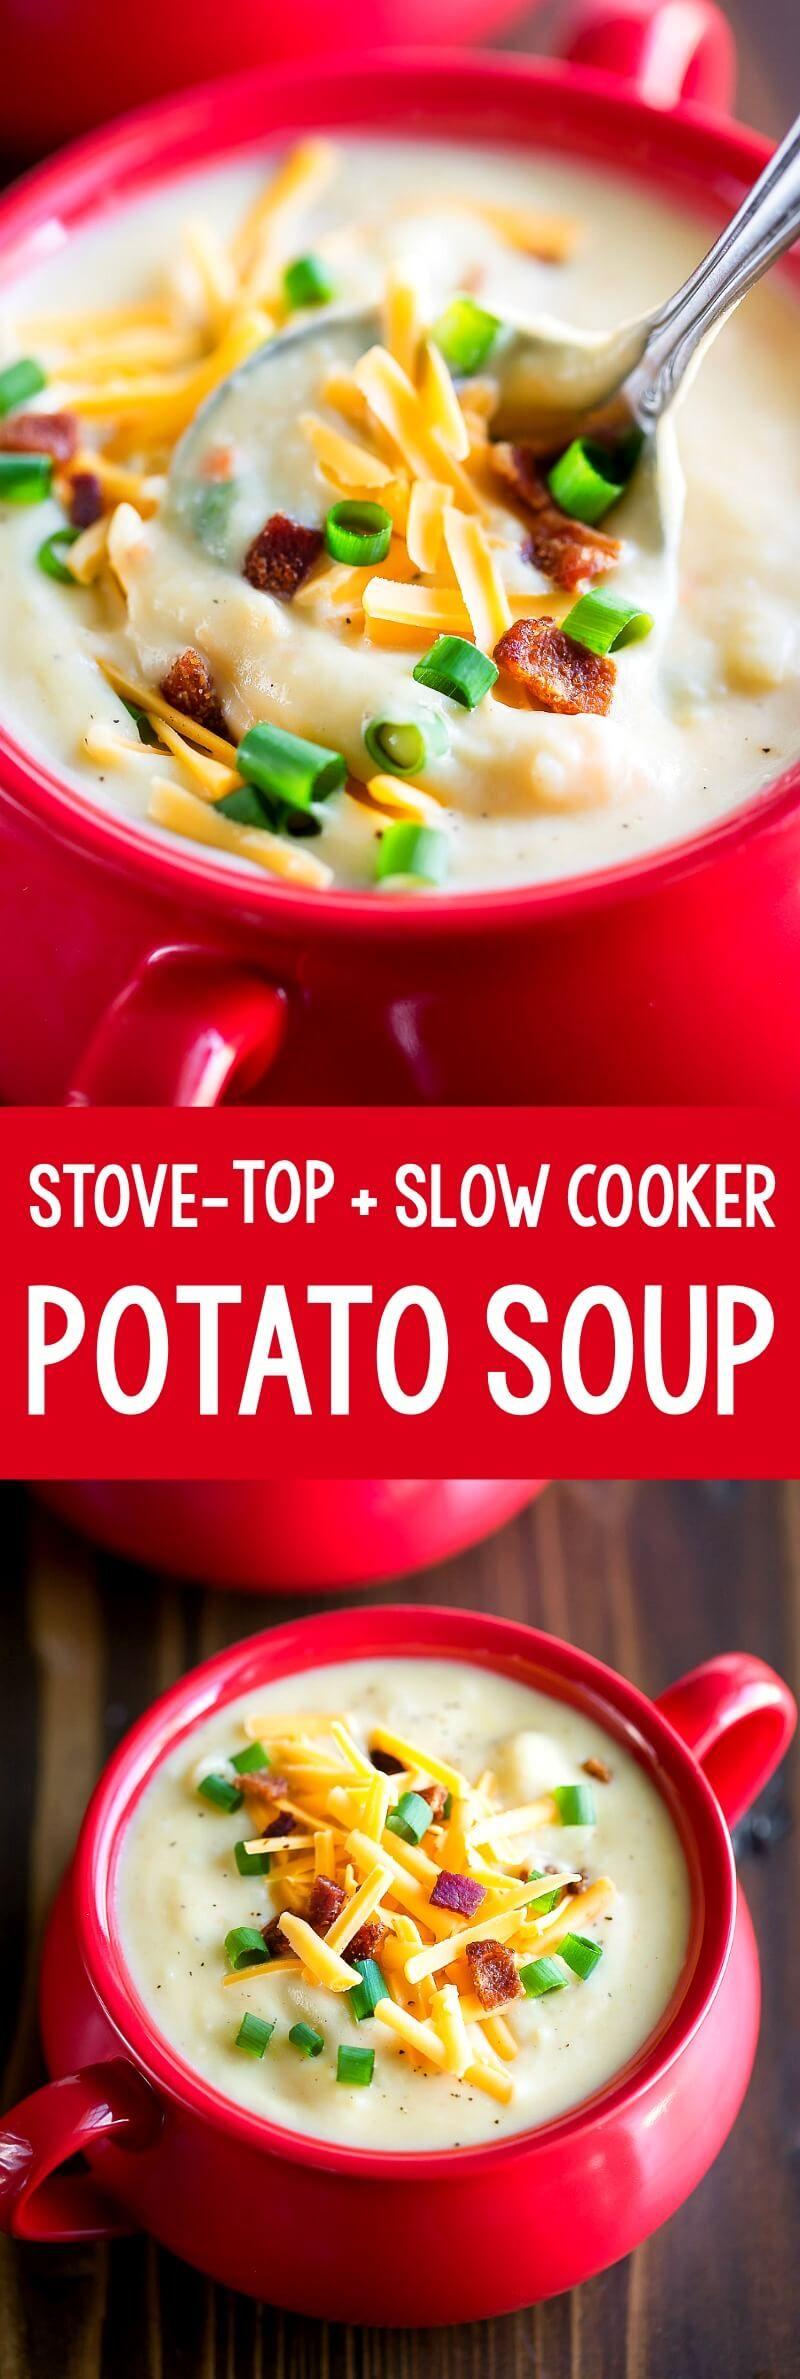 Creamy Potato Soup With Bacon And Cheddar Peas And Crayons Recipe Creamy Potato Soup Creamy Potato Potato Bacon Soup